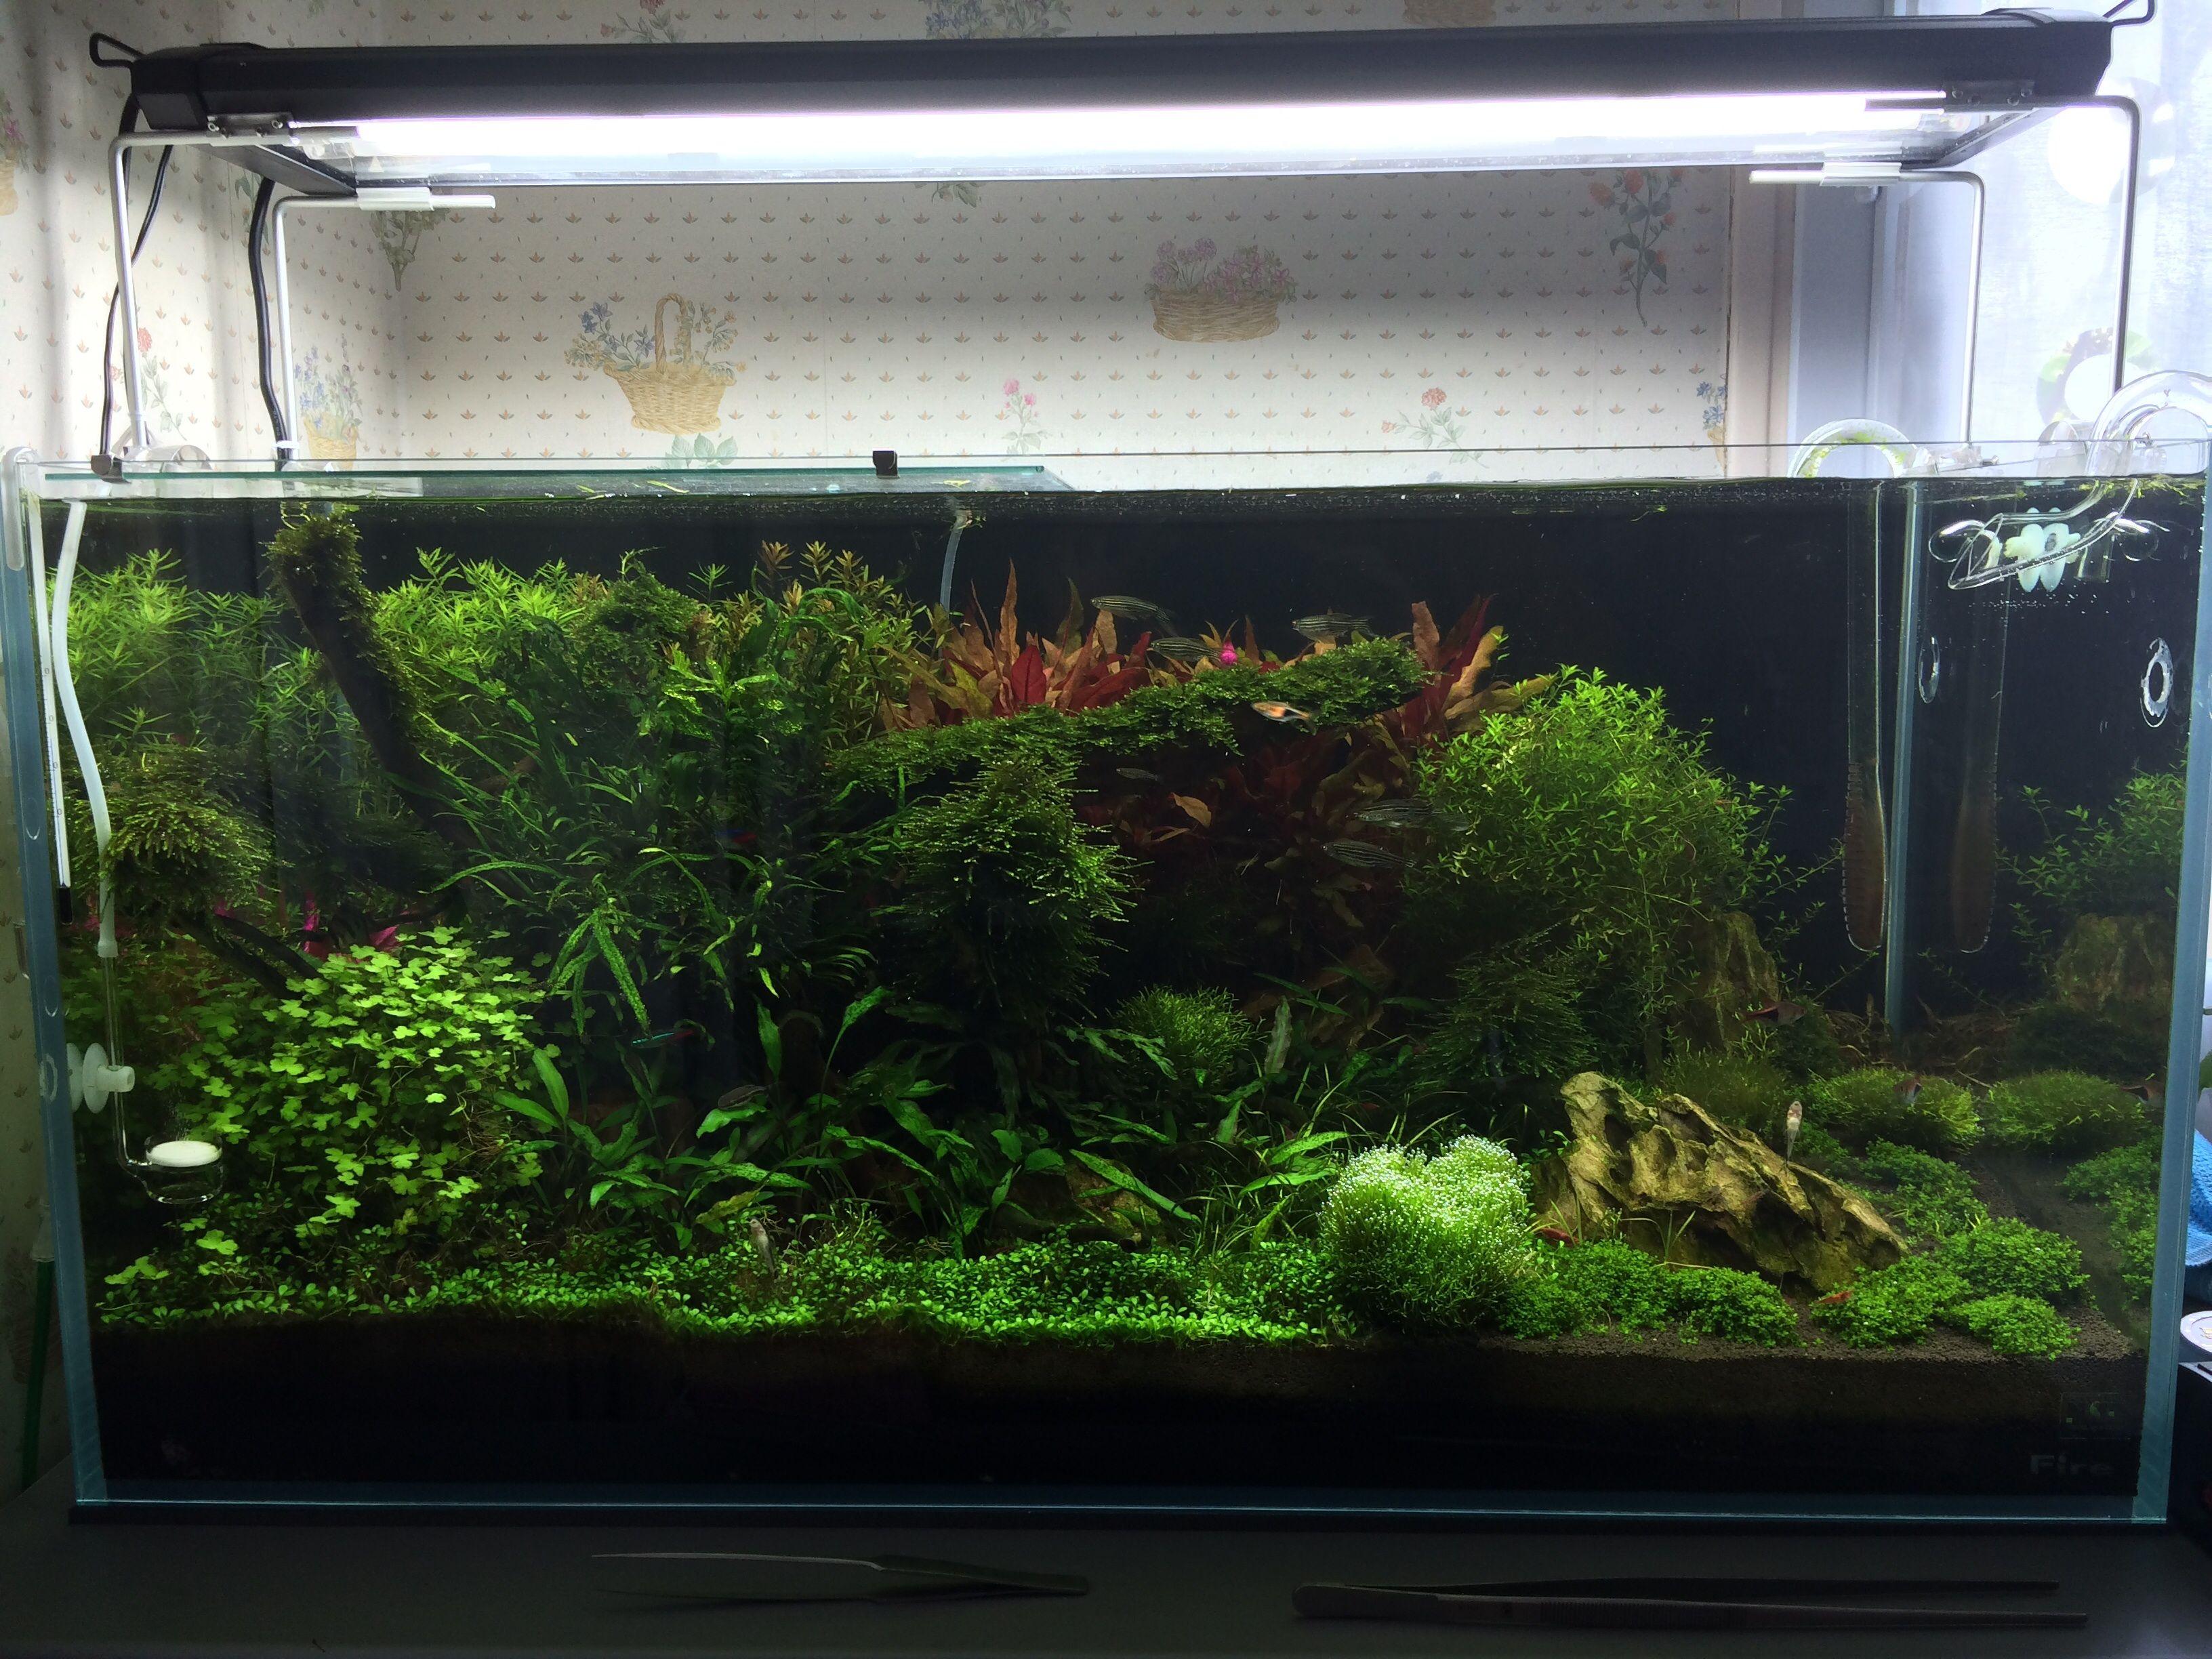 74db2144c0c7cdddacf409a23e7cde46 Luxe De Crevette Aquarium Des Idées